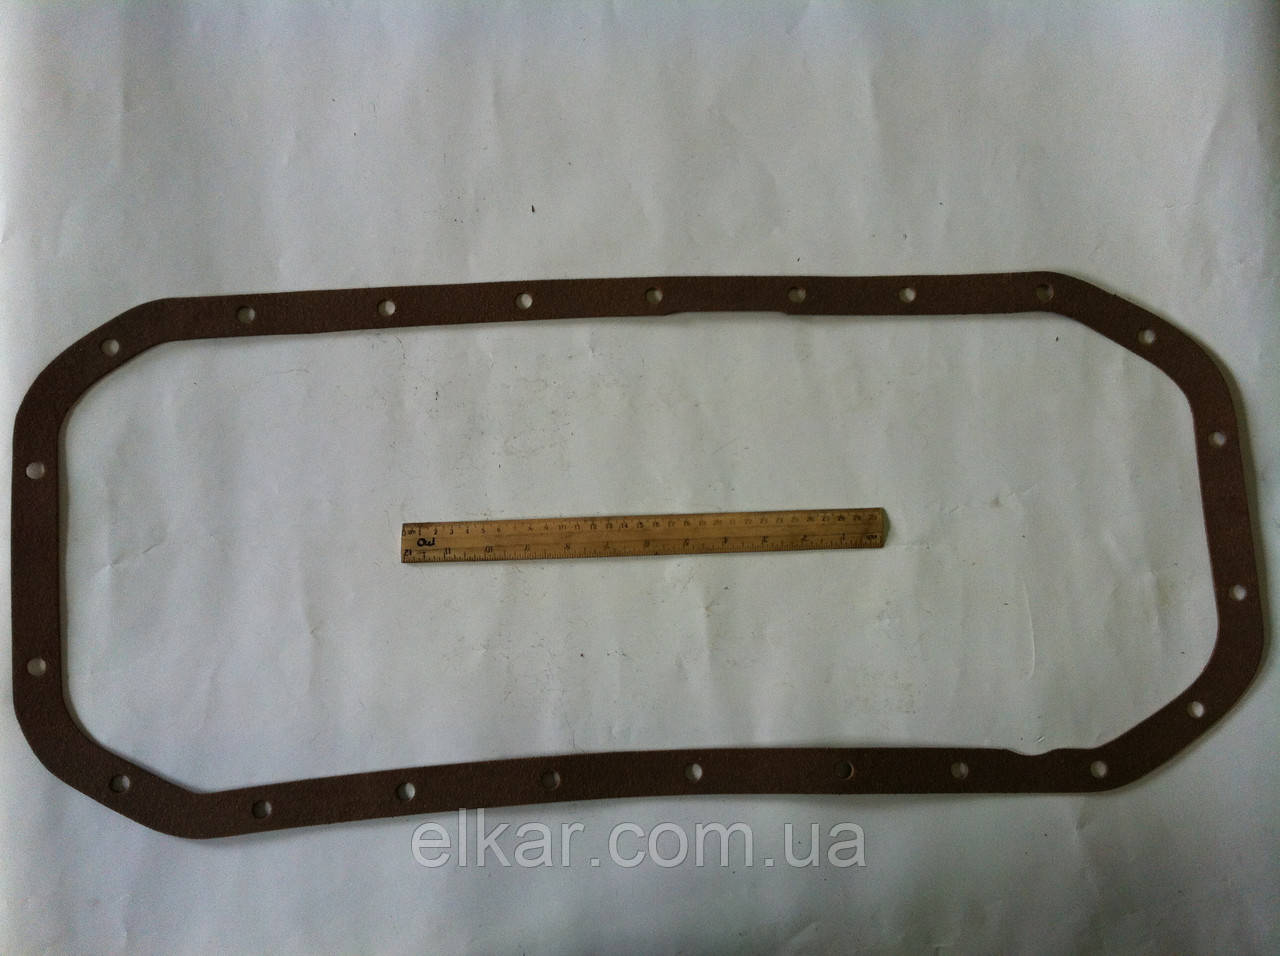 Прокладка масляного картера 60.08103.30 (Україна)